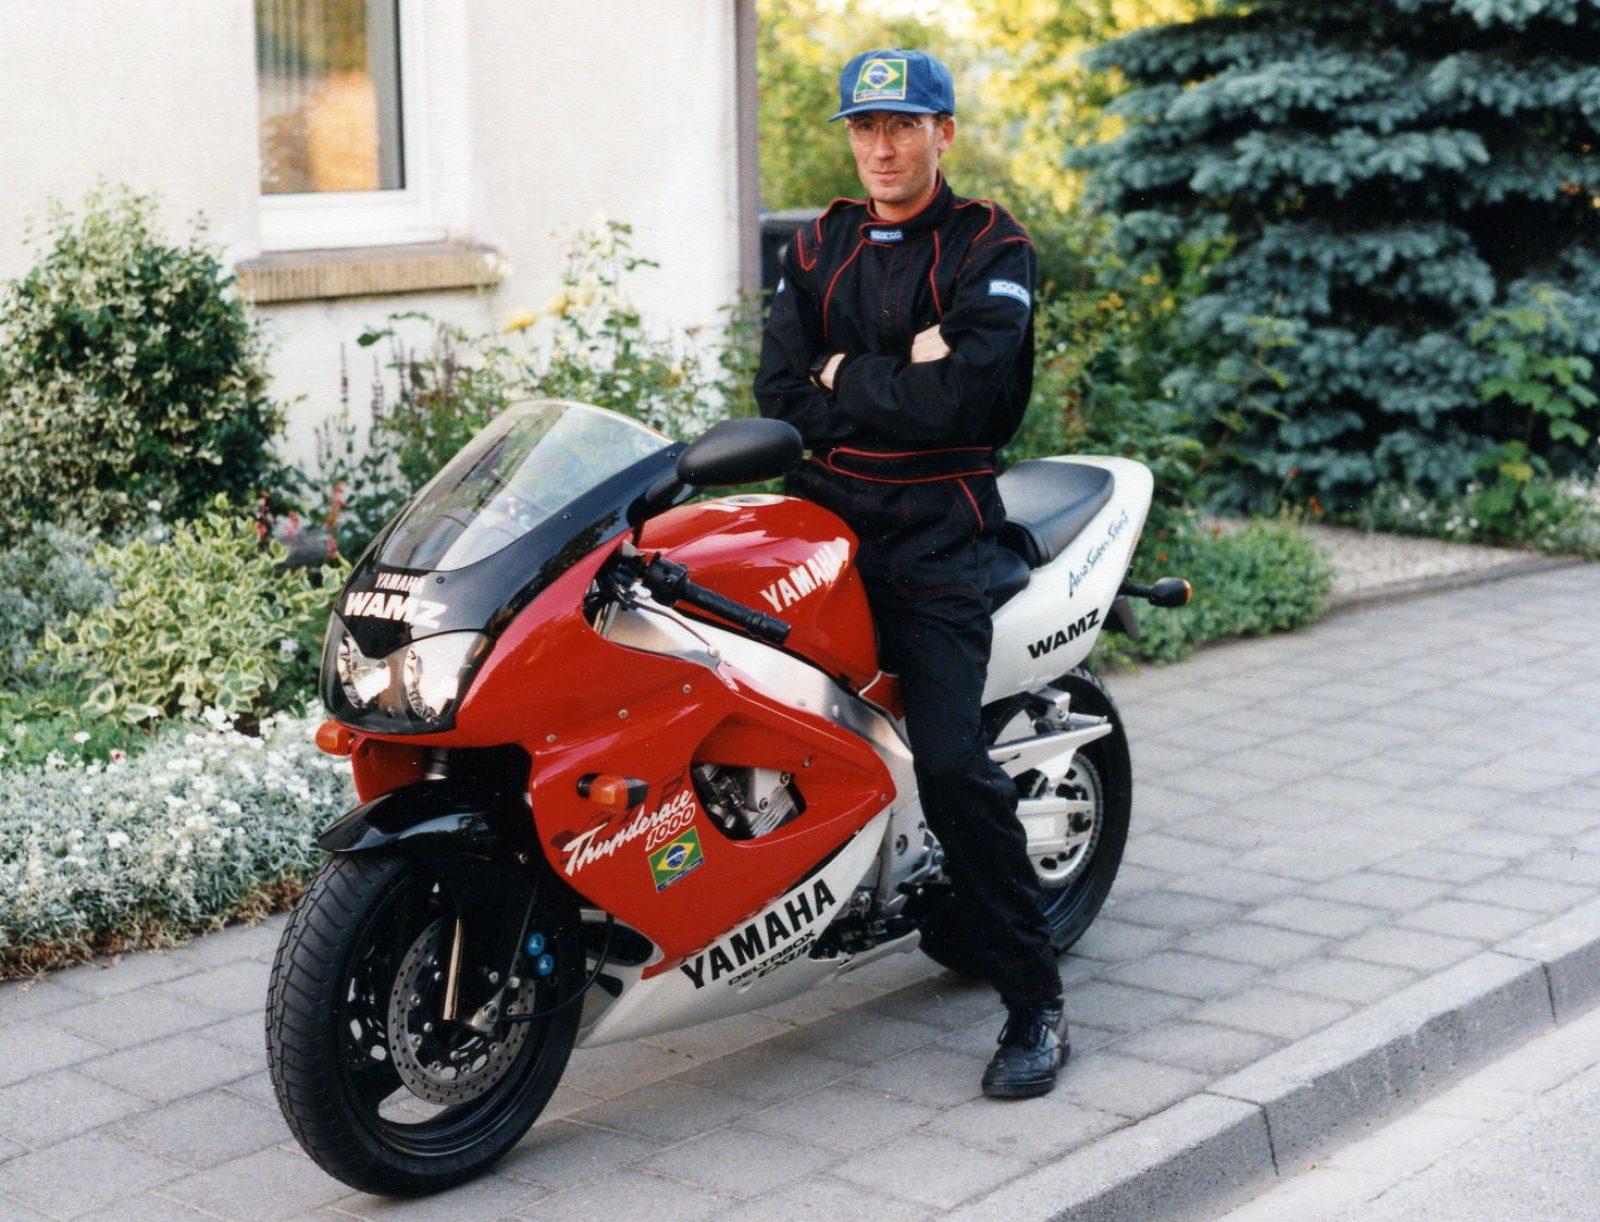 1996 Yamaha YZF1000 FW